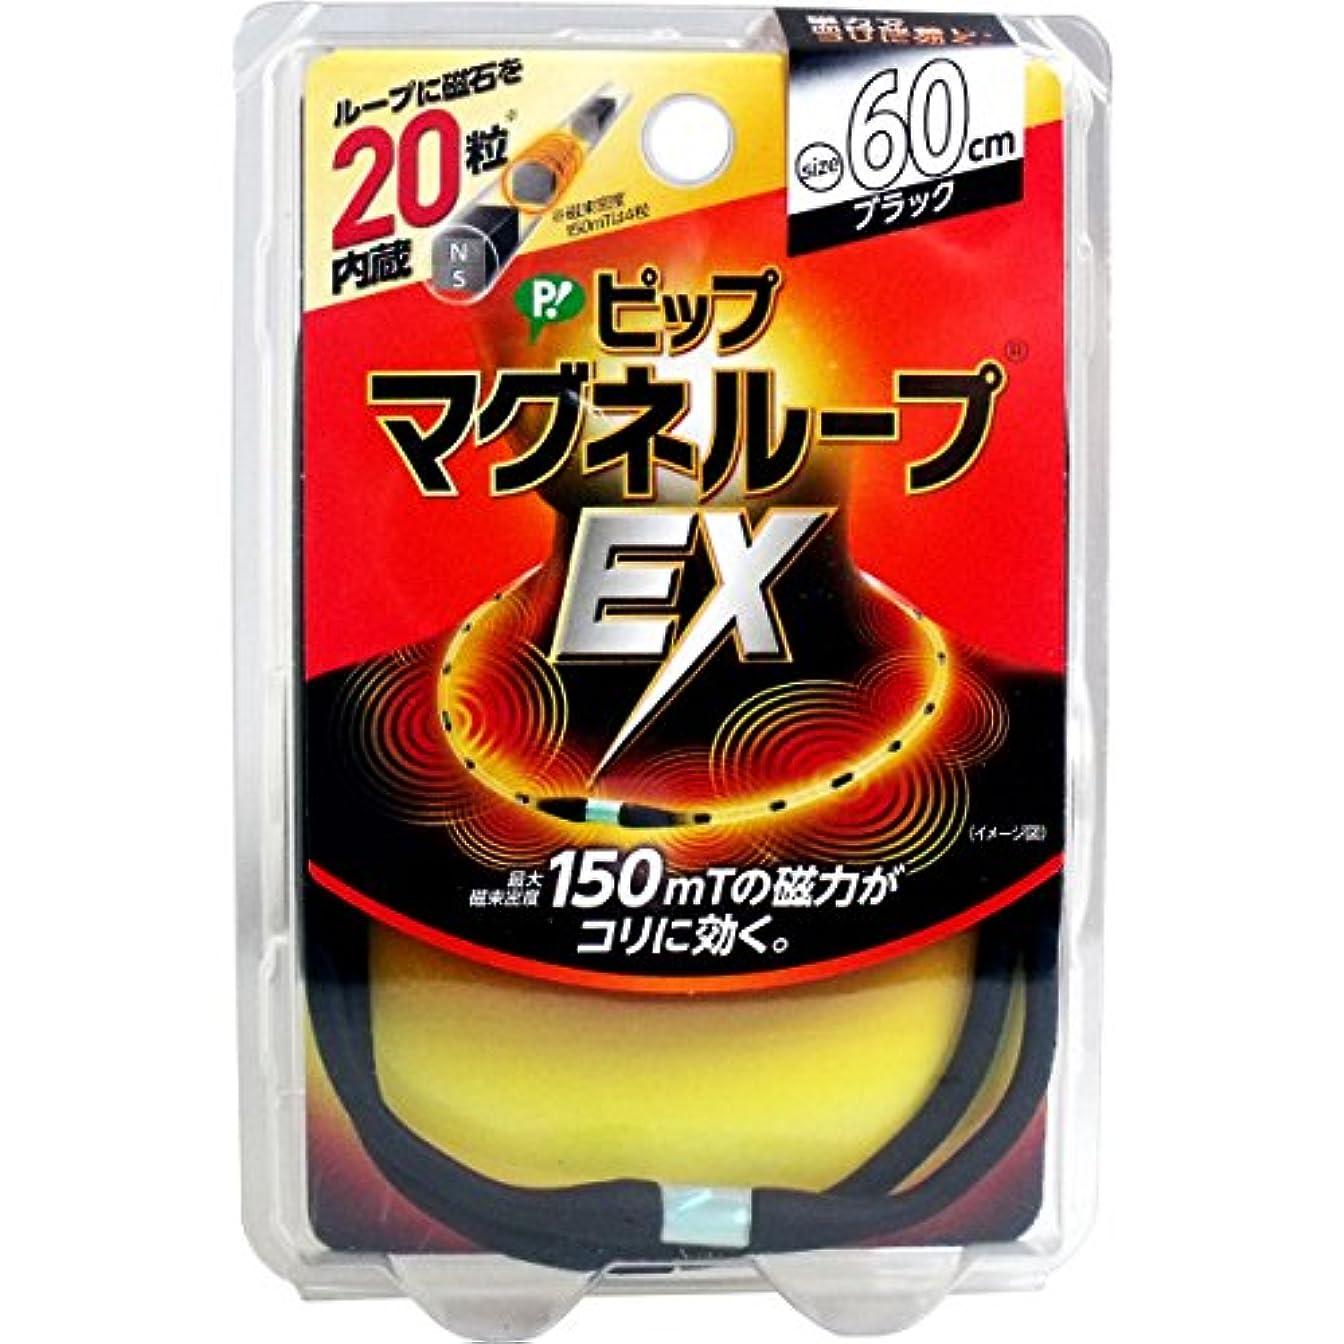 ビール共産主義者平野【ピップ】マグネループEX 高磁力タイプ ブラック 60cm ×5個セット